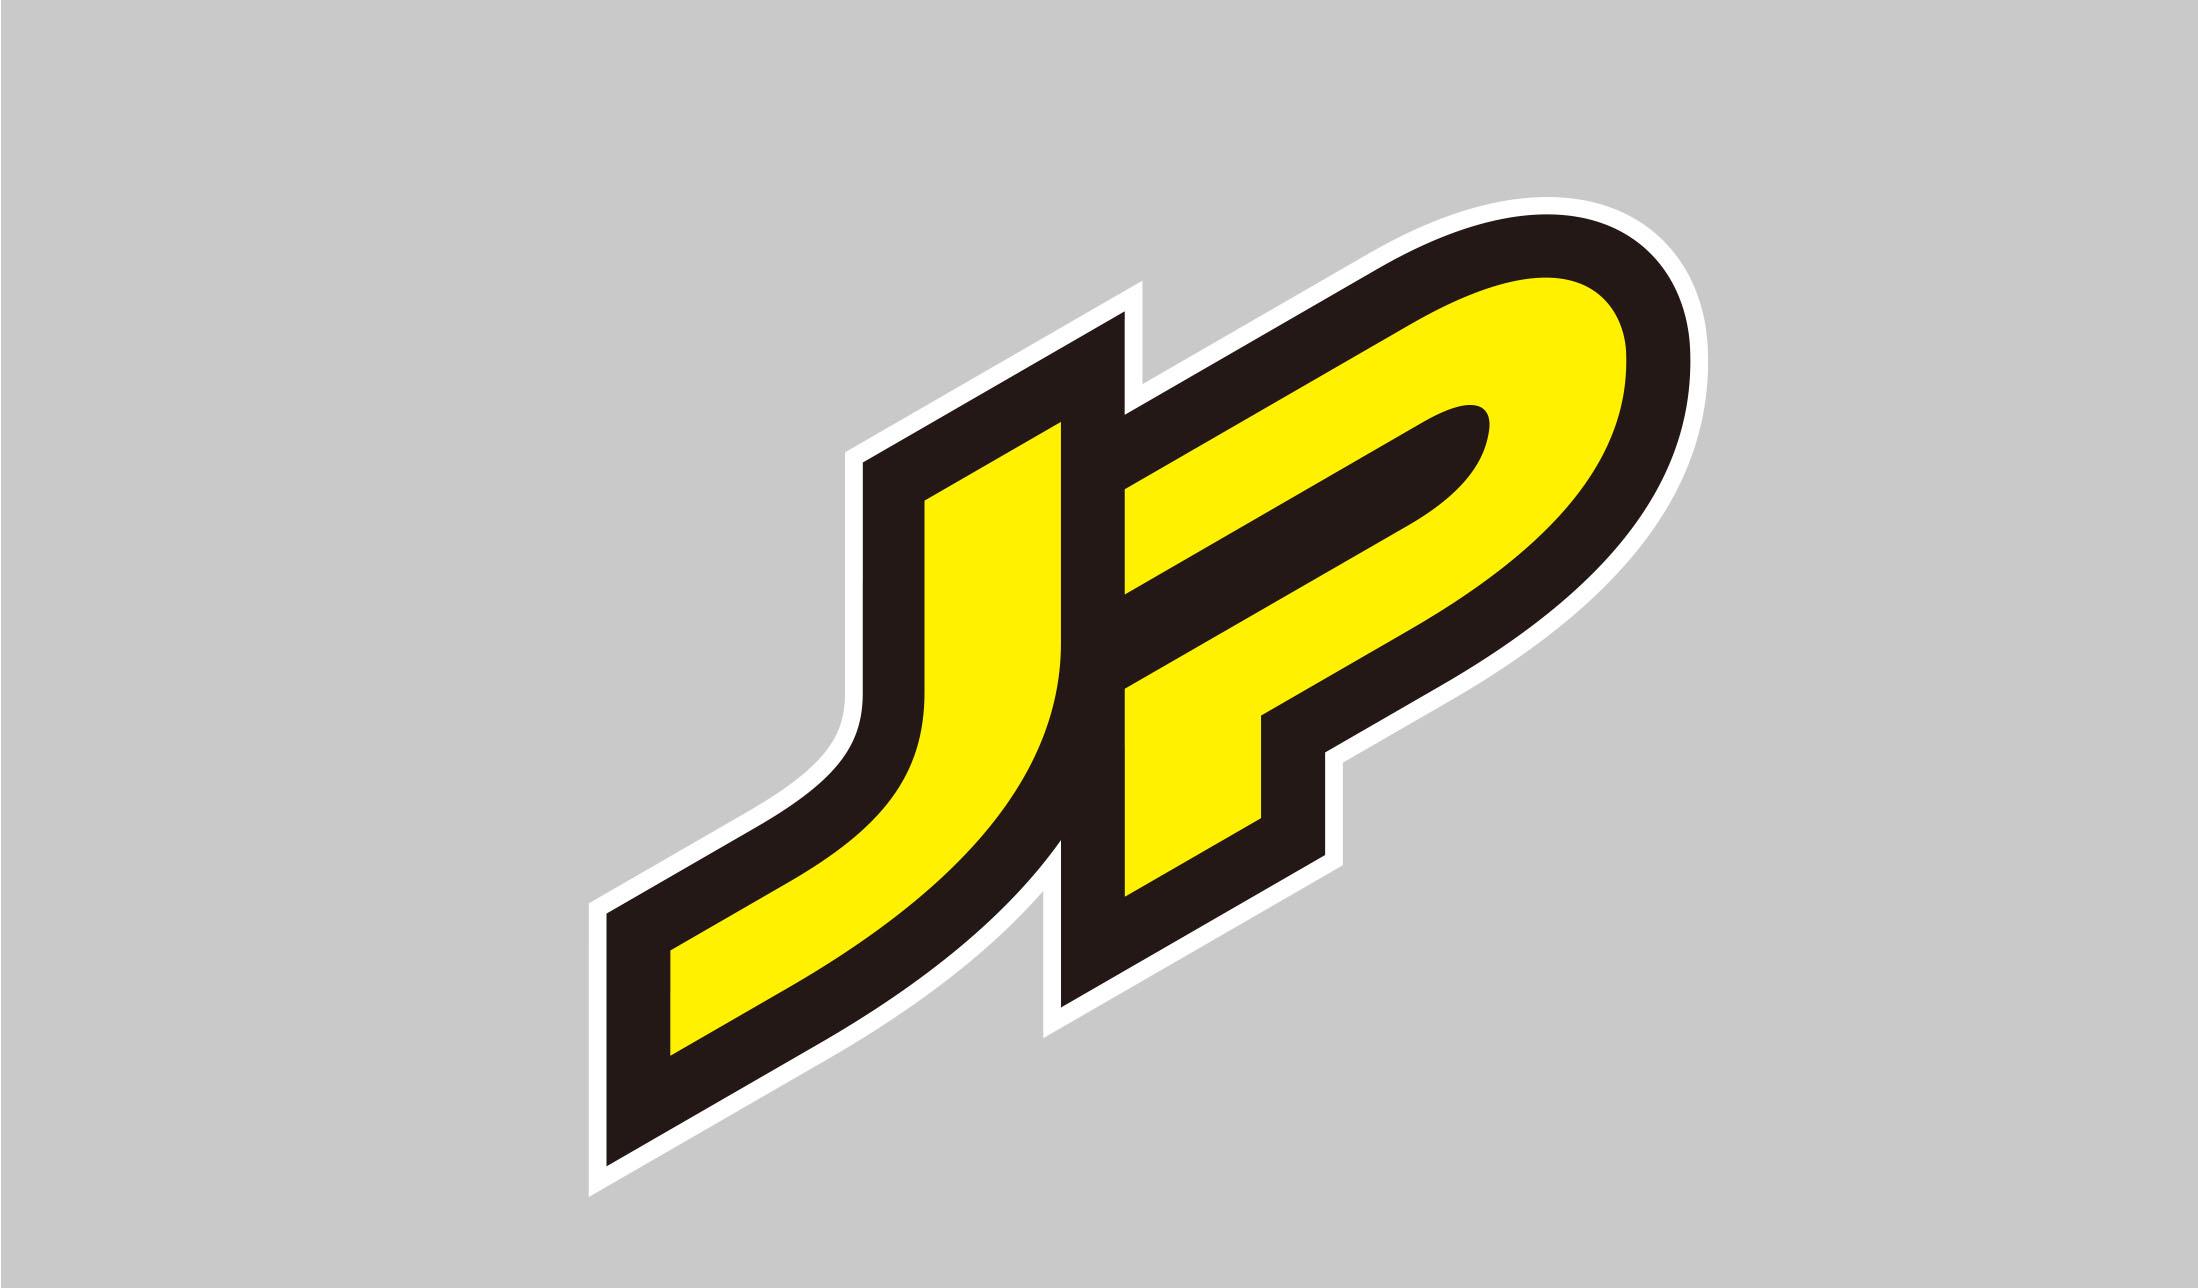 jp1024x600_logo_2015